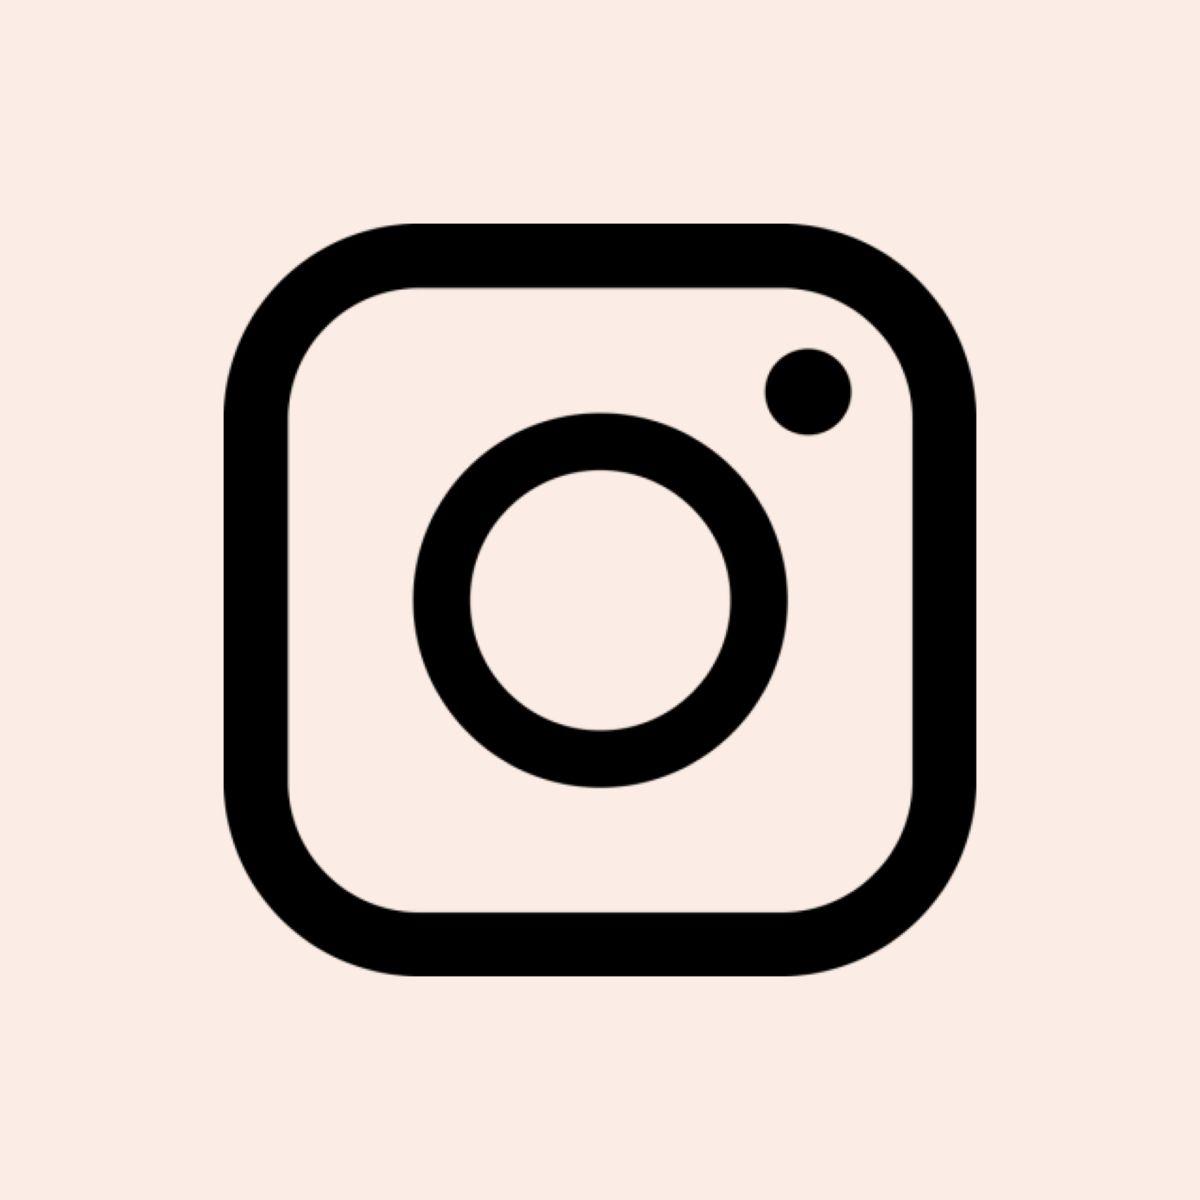 Instagram in 2020 iphone app design ios icon iphone